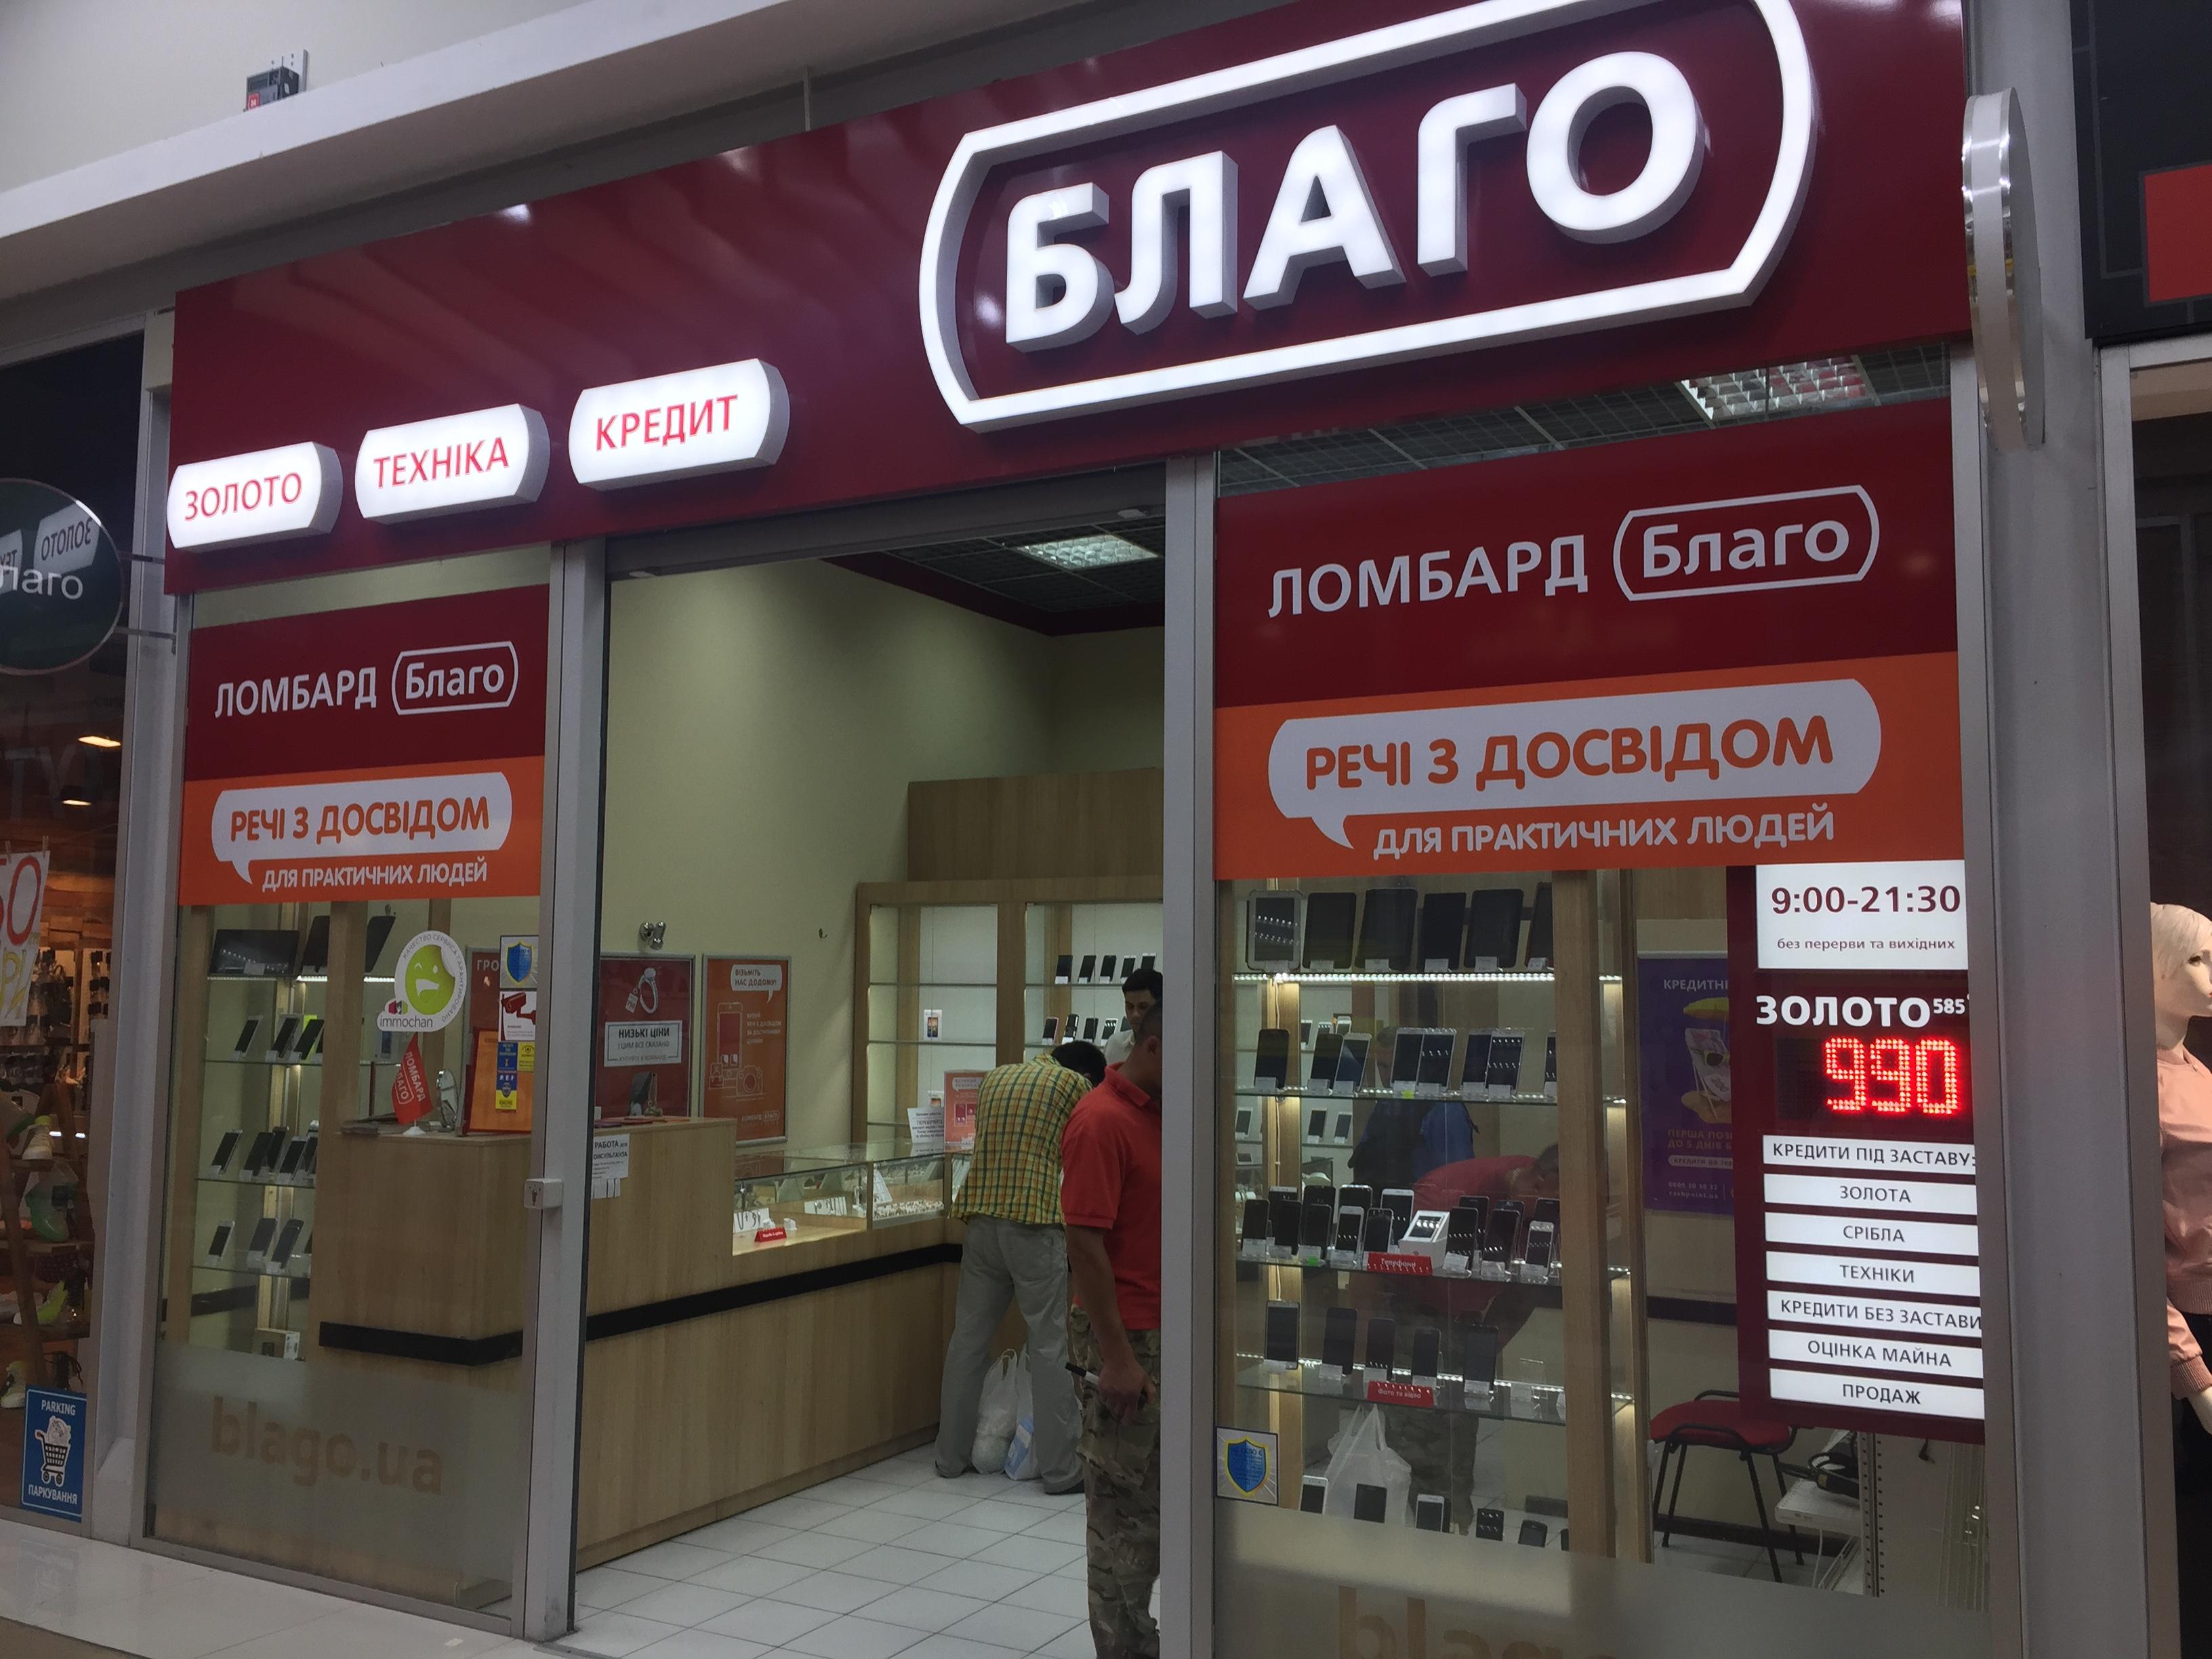 Официальный купить благо москва ломбард технику сайт ломбард часы пермь